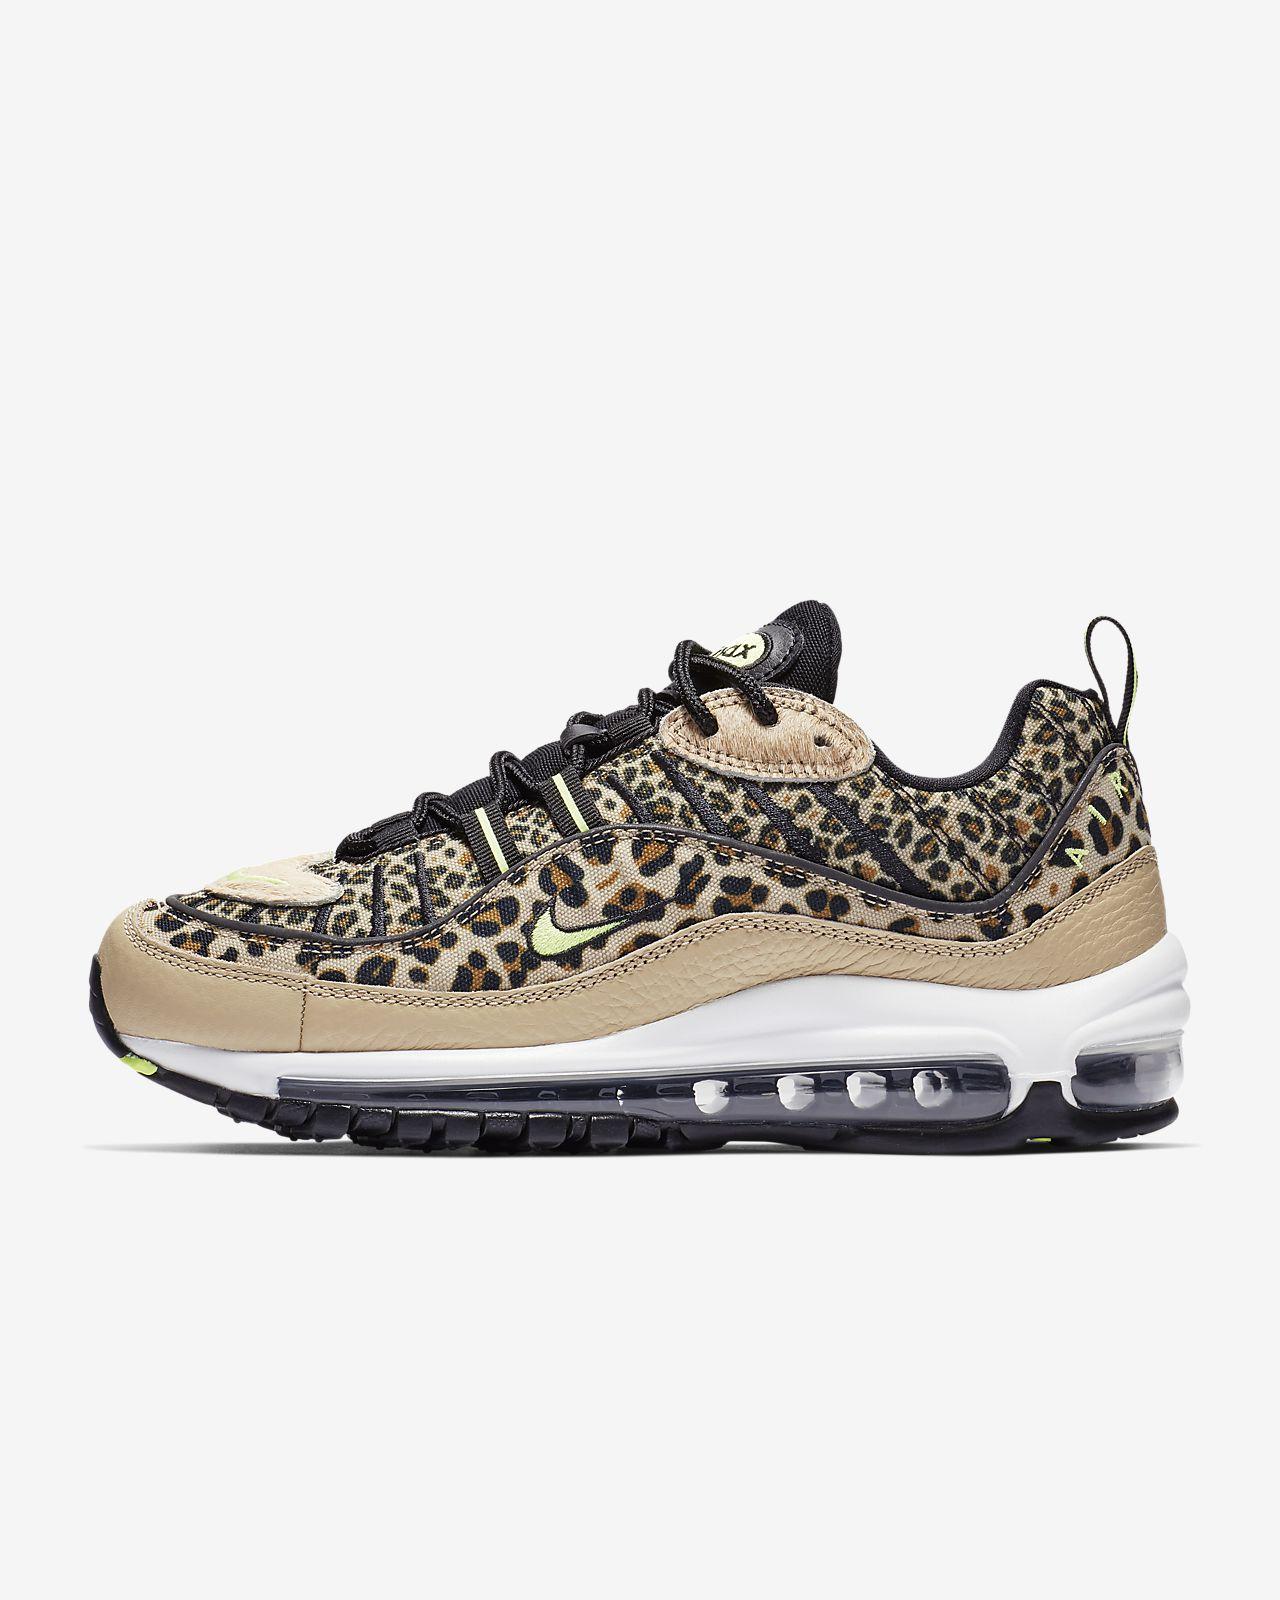 buy online de680 56aa7 ... Sko Nike Air Max 98 Premium Animal för kvinnor